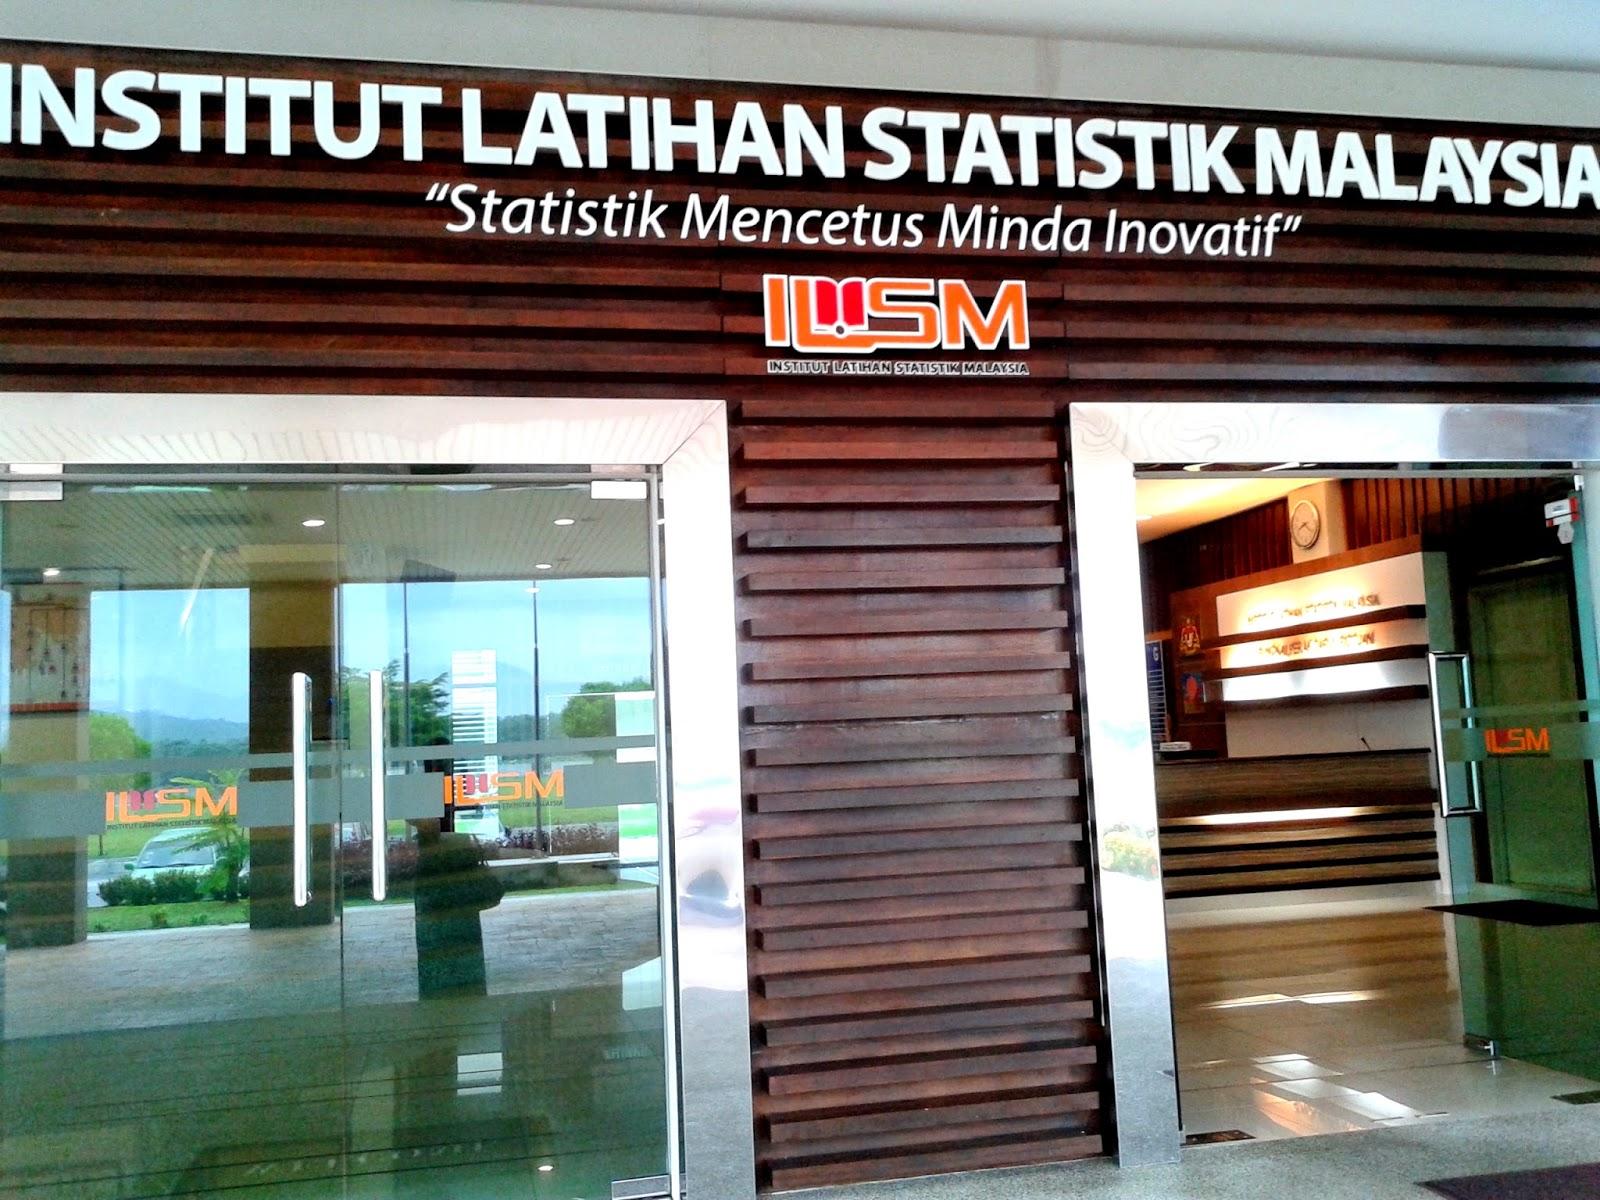 Sungkai Malaysia  city photos gallery : Institut Latihan Statistik. Kalaulah cuma berada di dalam kawasan ...